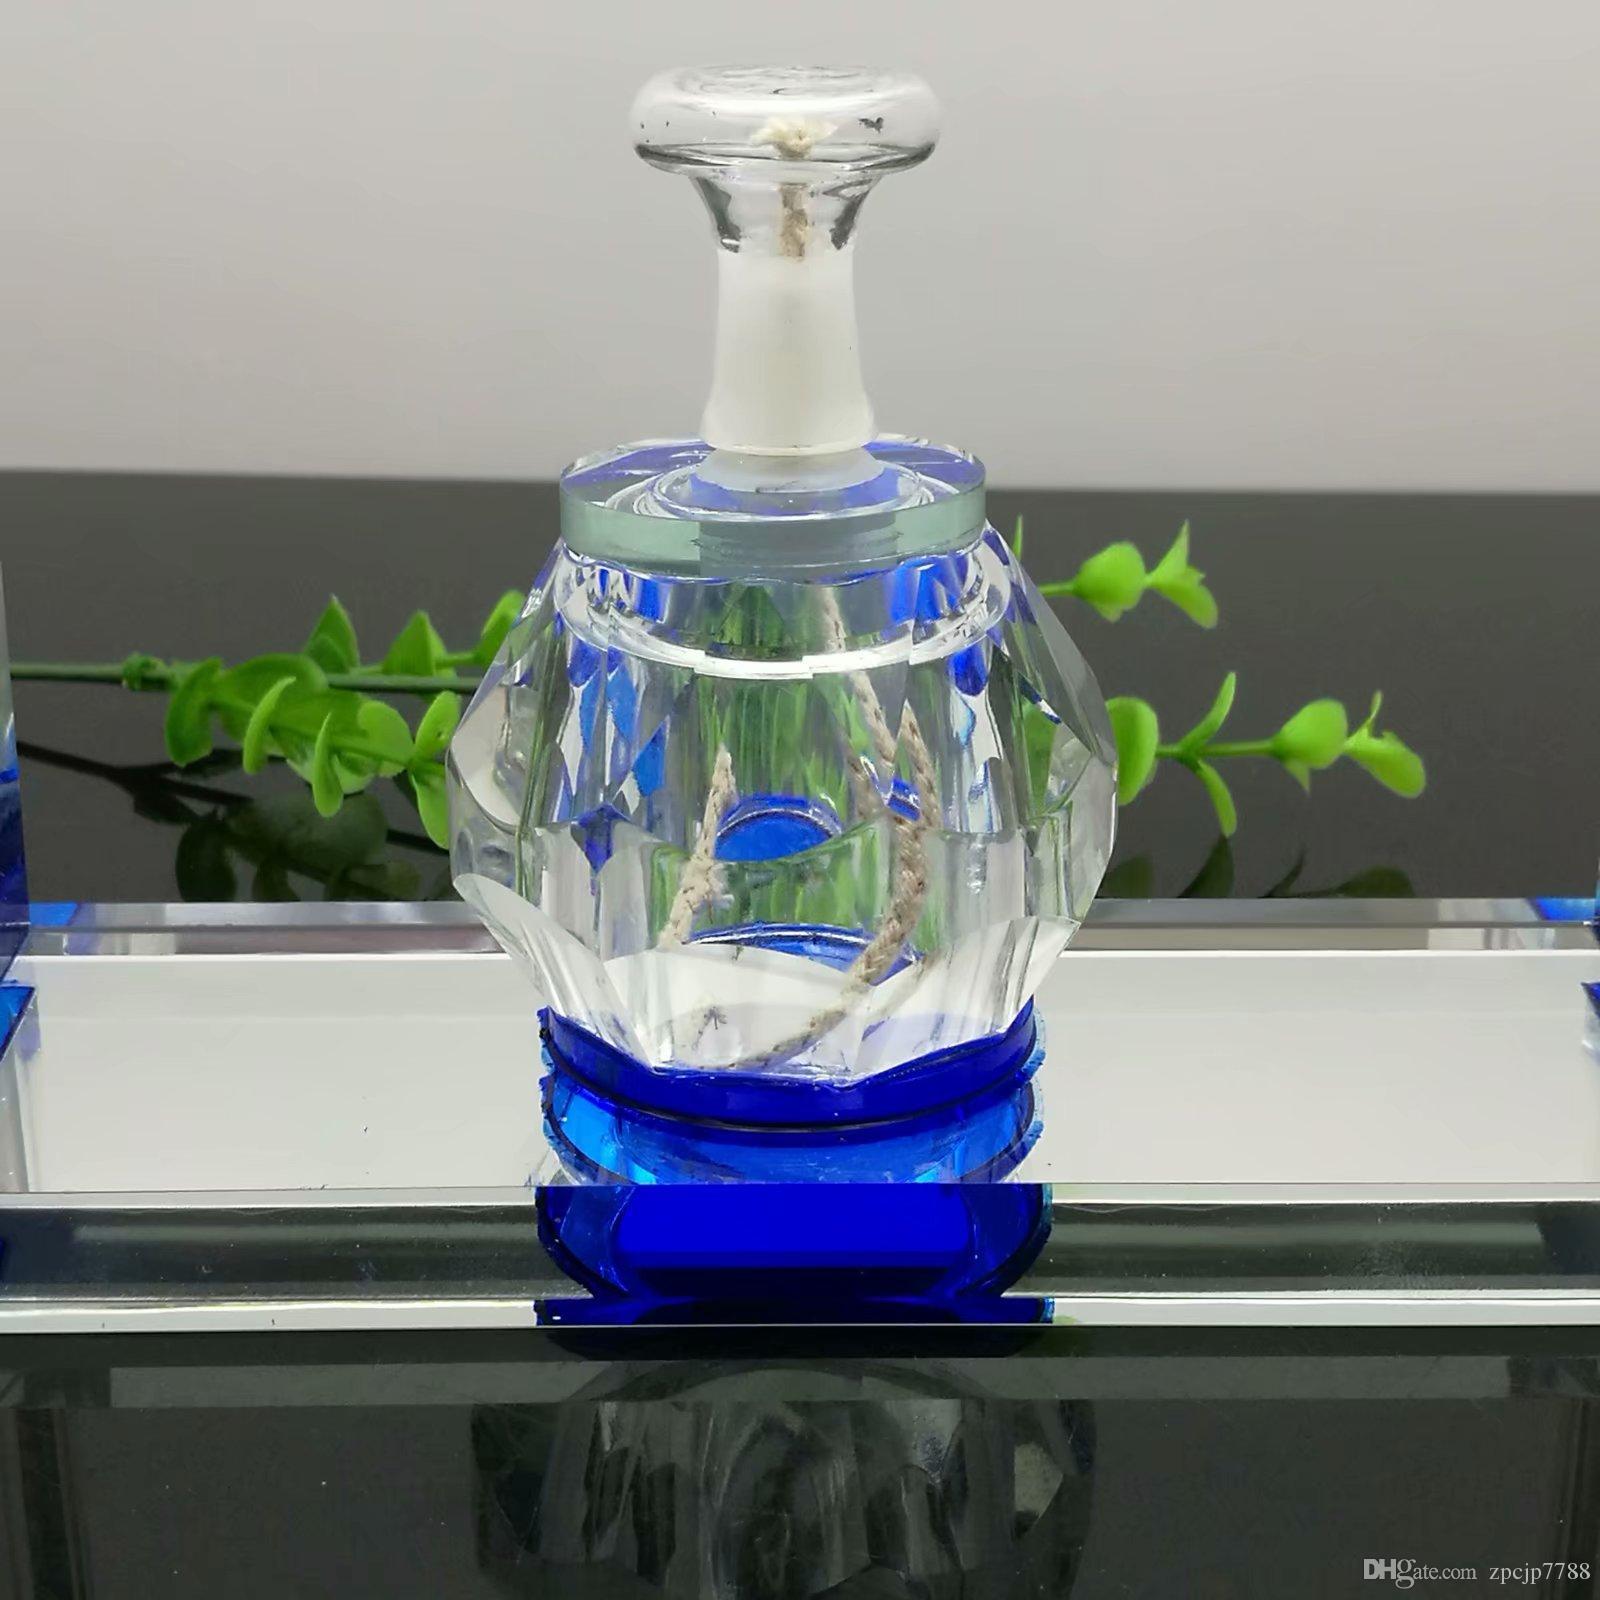 Двойной хрустальный чайник, стеклянная спиртовая лампа, стеклянная трубка для бонга, титановая шлифовальная машина, стеклянные барботеры для курительных трубок, разные цвета